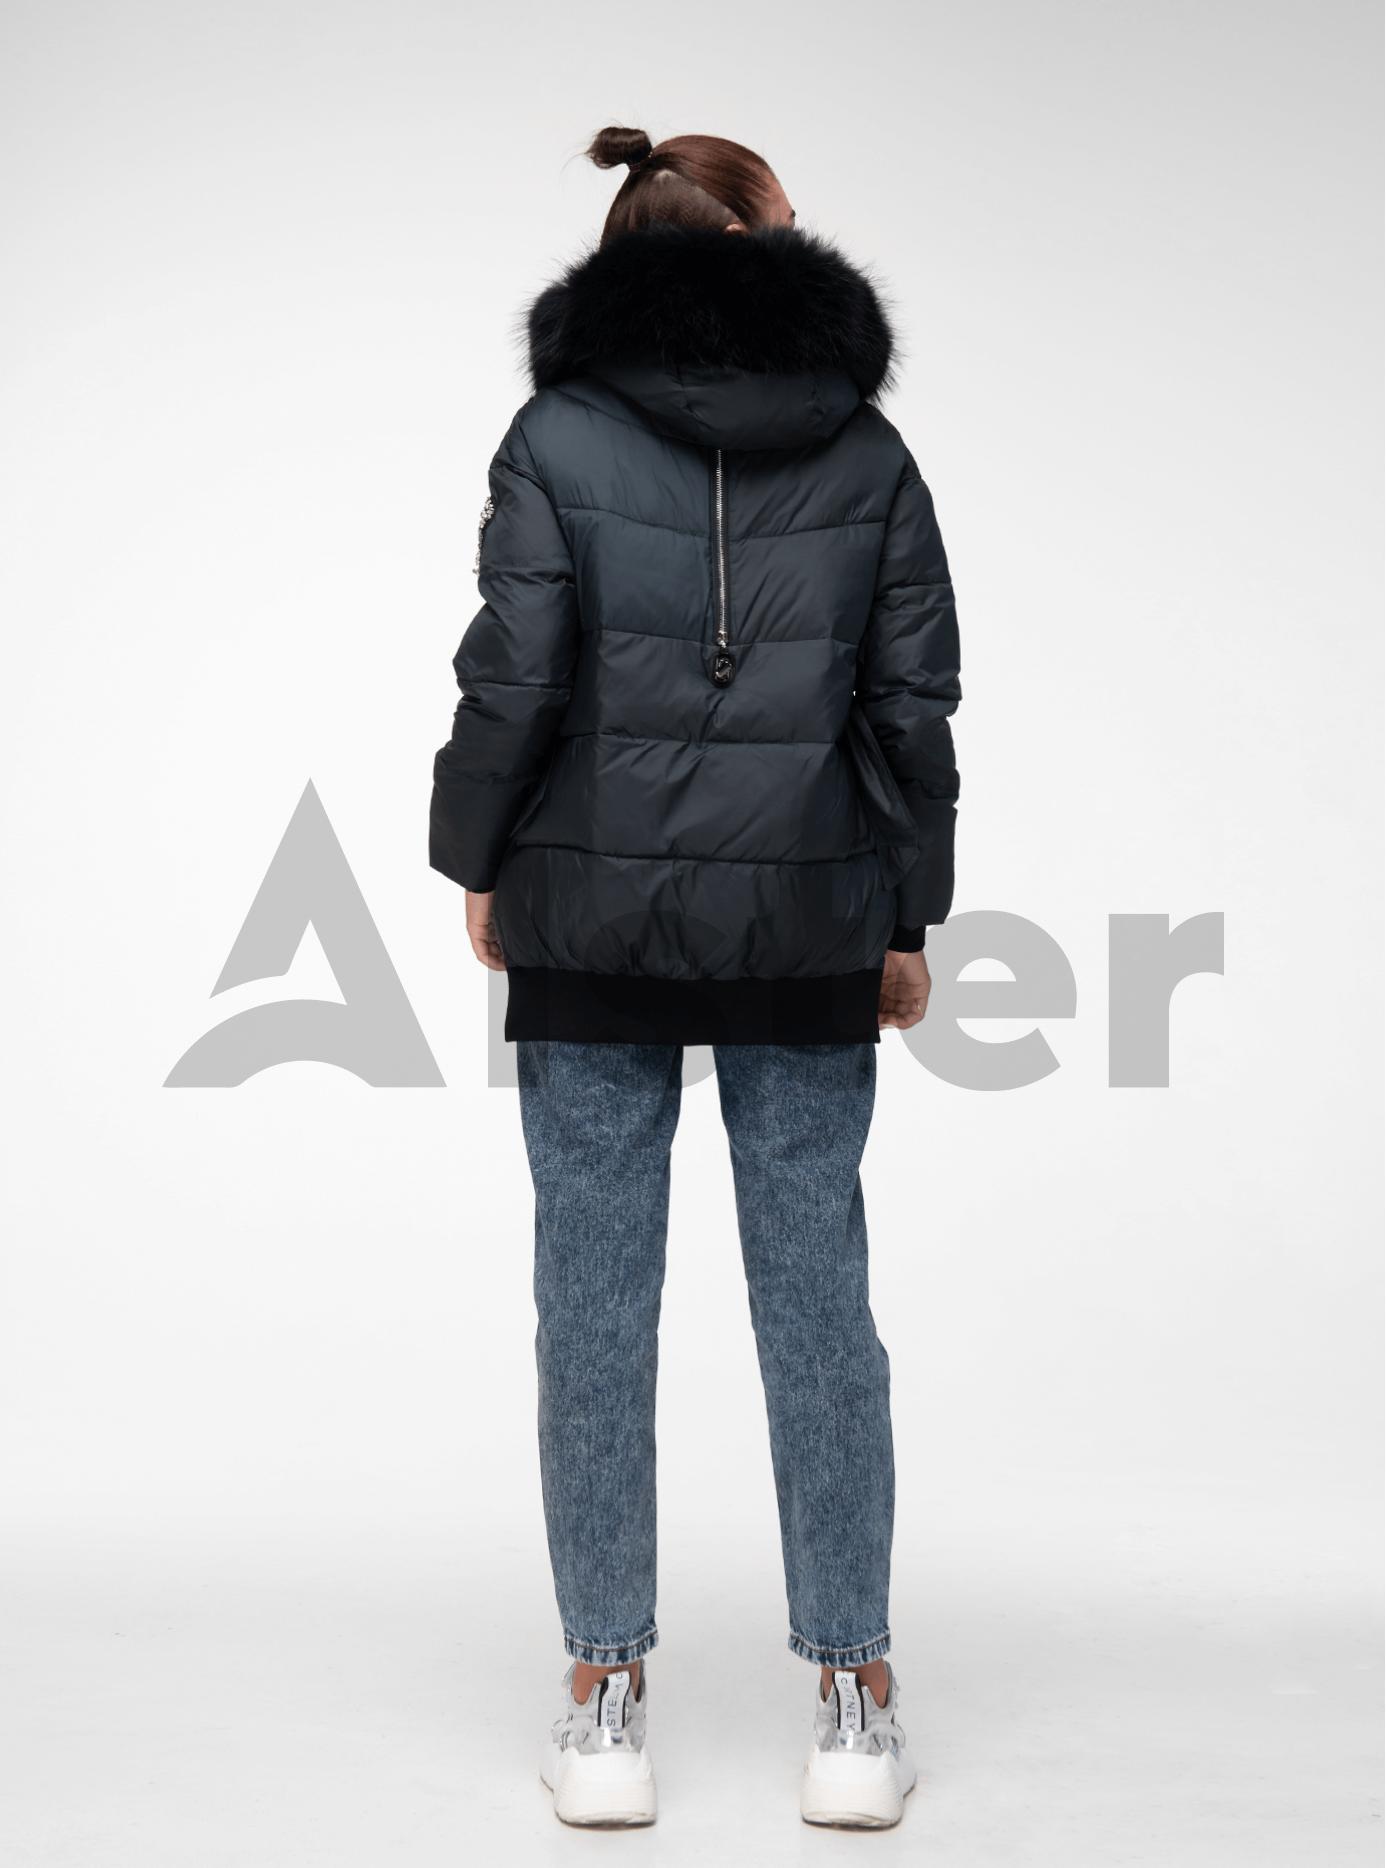 Куртка зимняя с завязками и мехом енота Изумрудный M (02-V191105): фото - Alster.ua